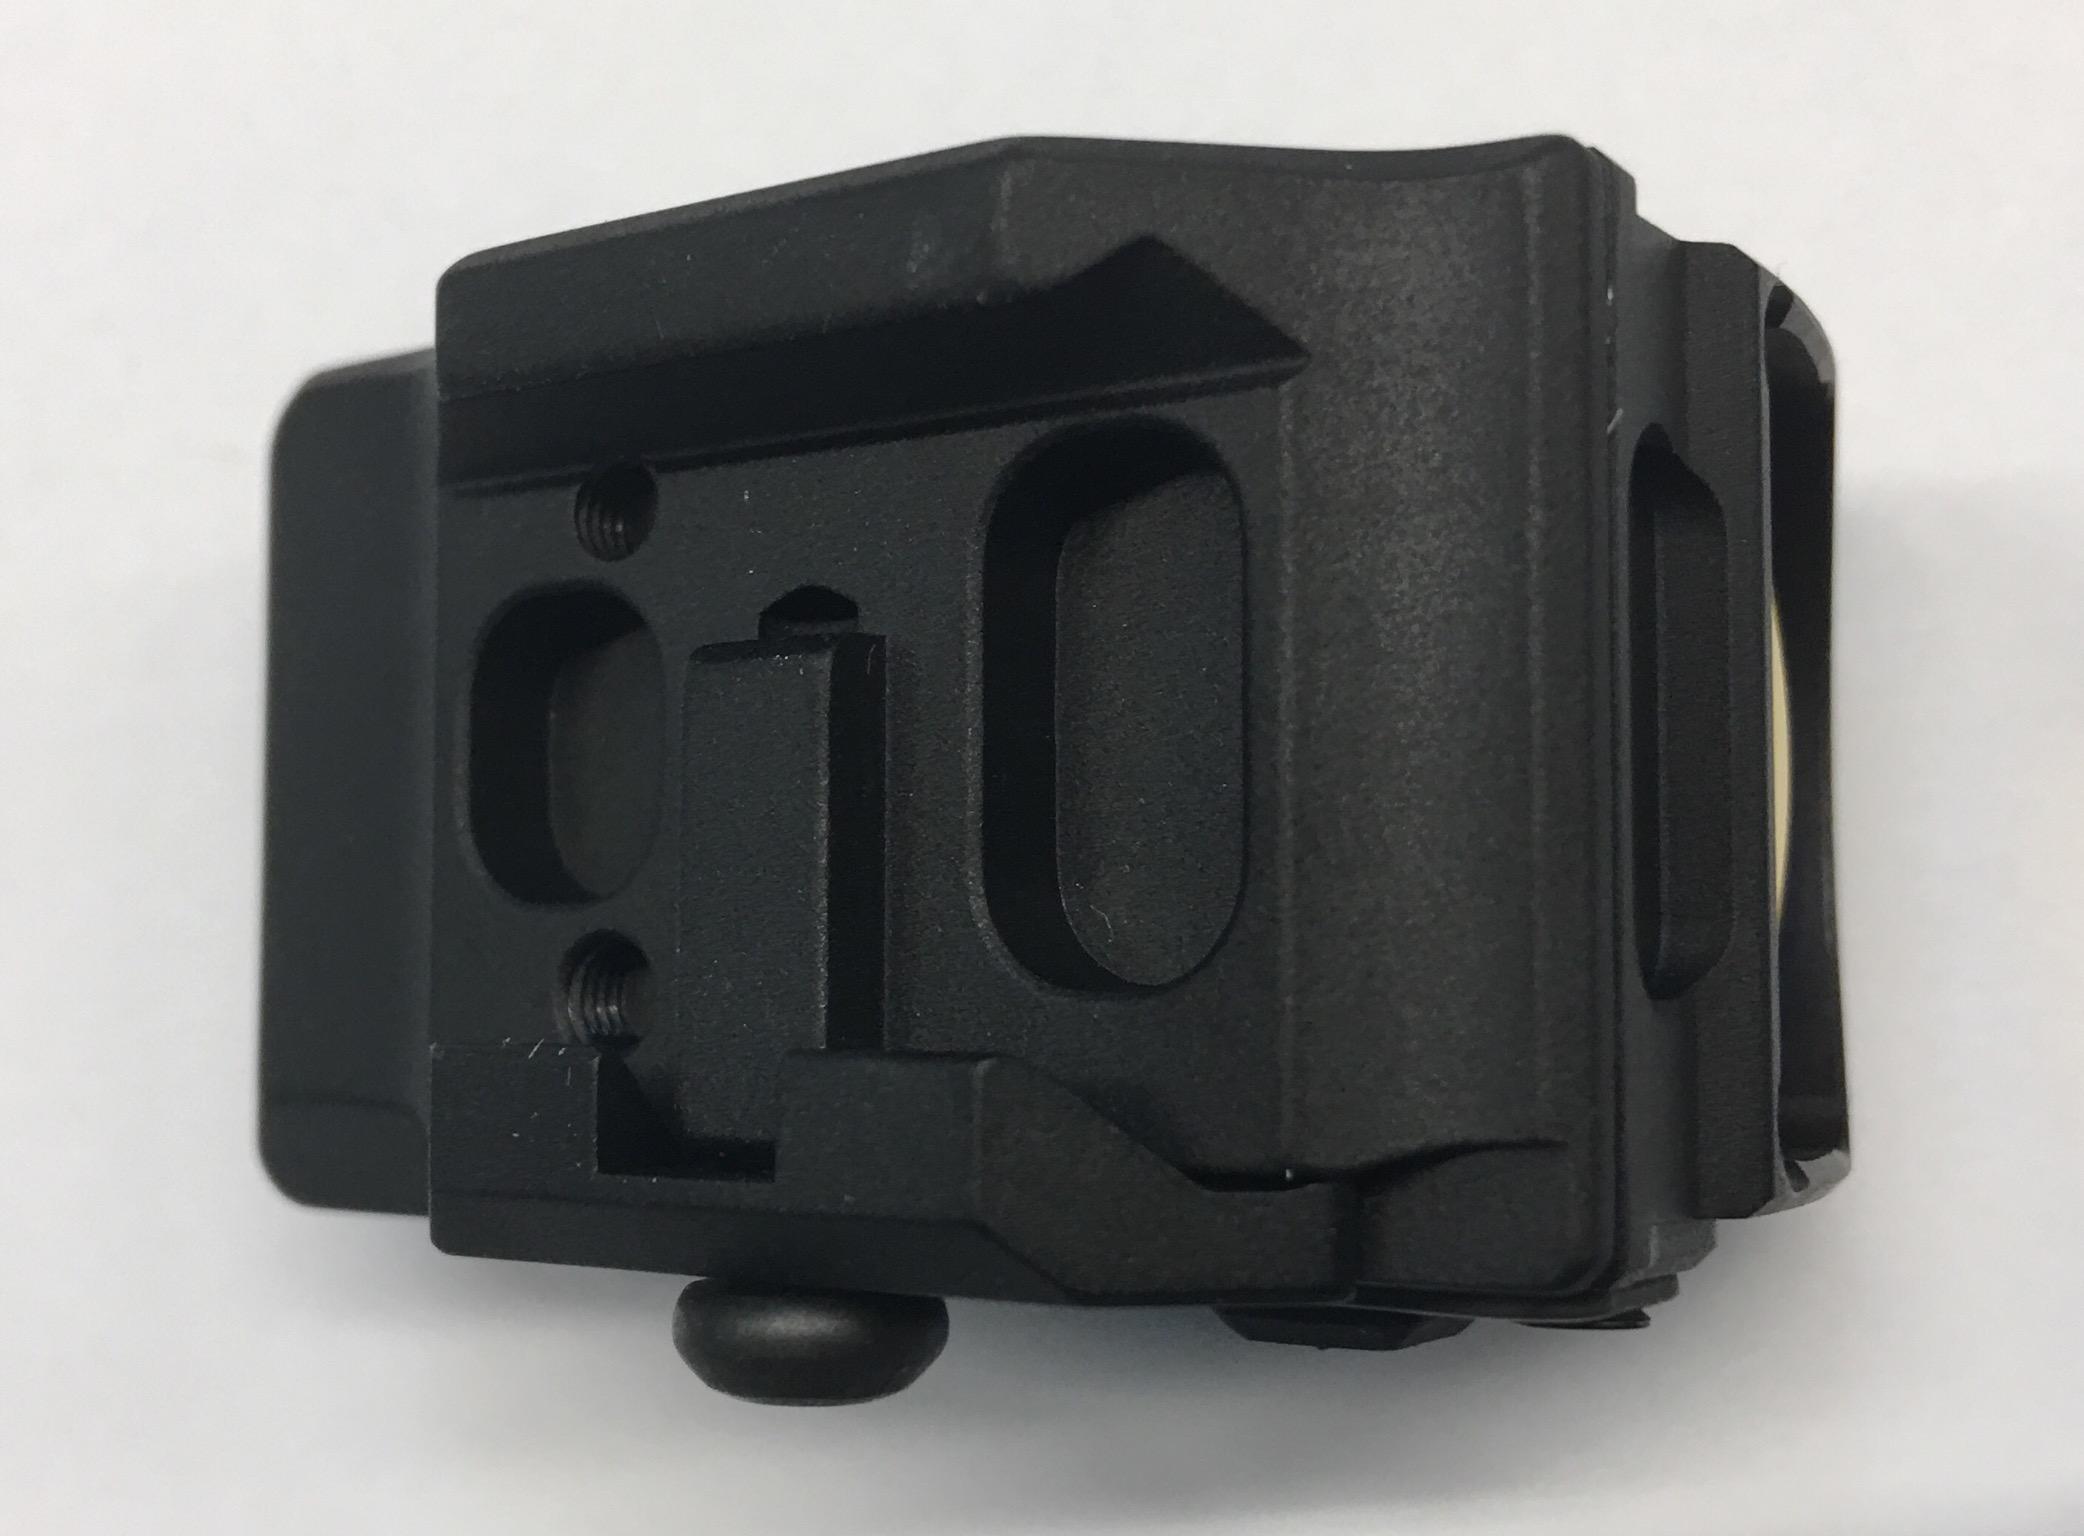 Hier ist das UTG  2 Reflex Sight von unten zu sehen umd die Montage (passend für Picatinny-Schienen, 21mm breit) zu zeigen.